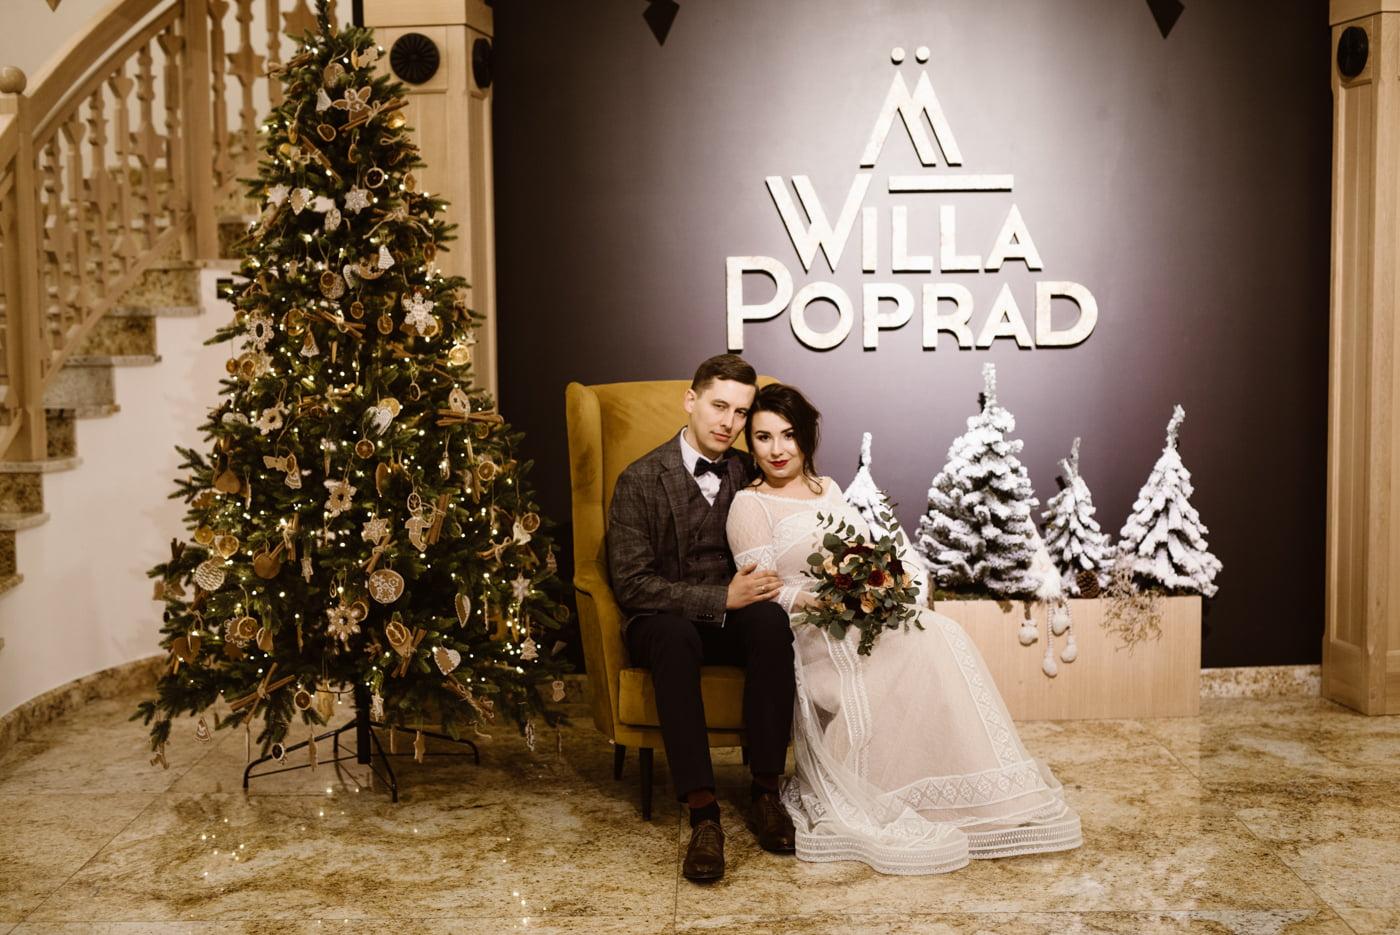 Zimowy ślub Dagmara i Michał - Willa Poprad w Rytrze 48